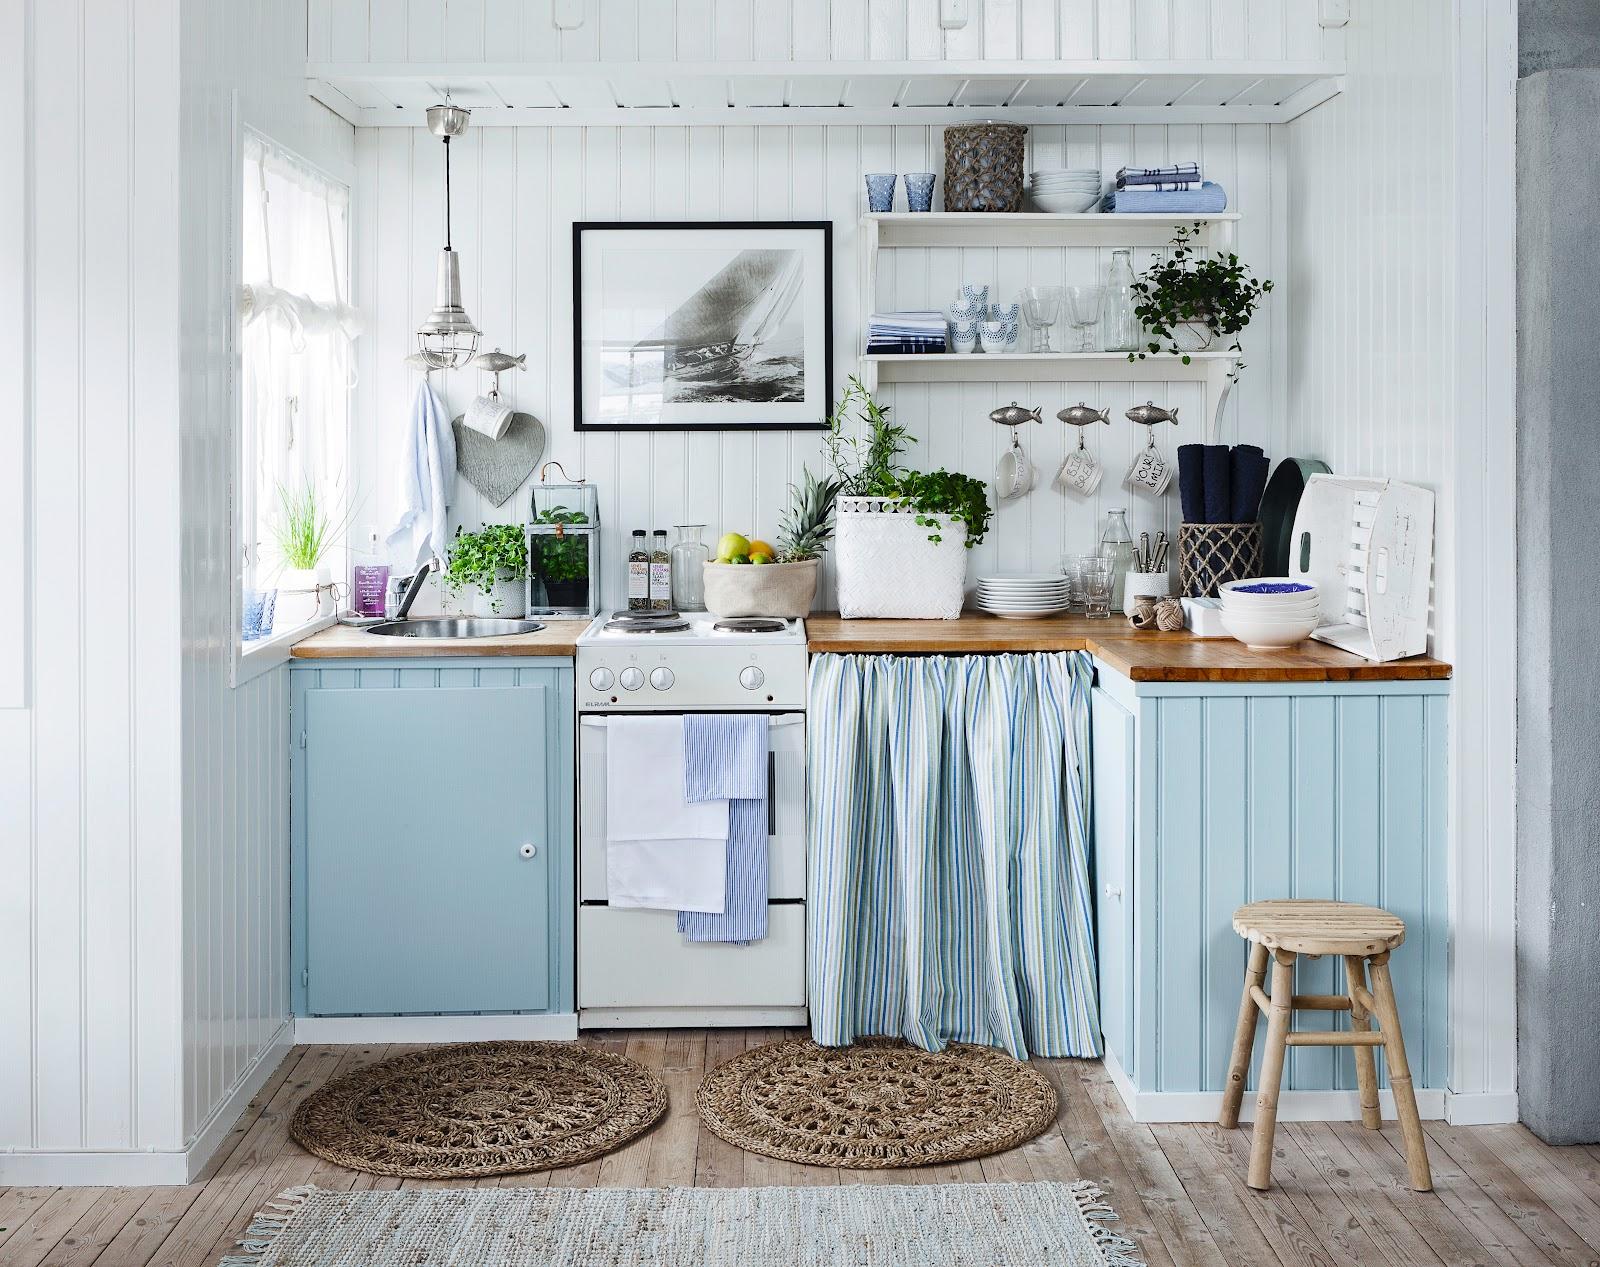 b d kreatywny uwolnij siebie jak urz dzi kuchnie pomys y na aran acje w r nych stylach. Black Bedroom Furniture Sets. Home Design Ideas